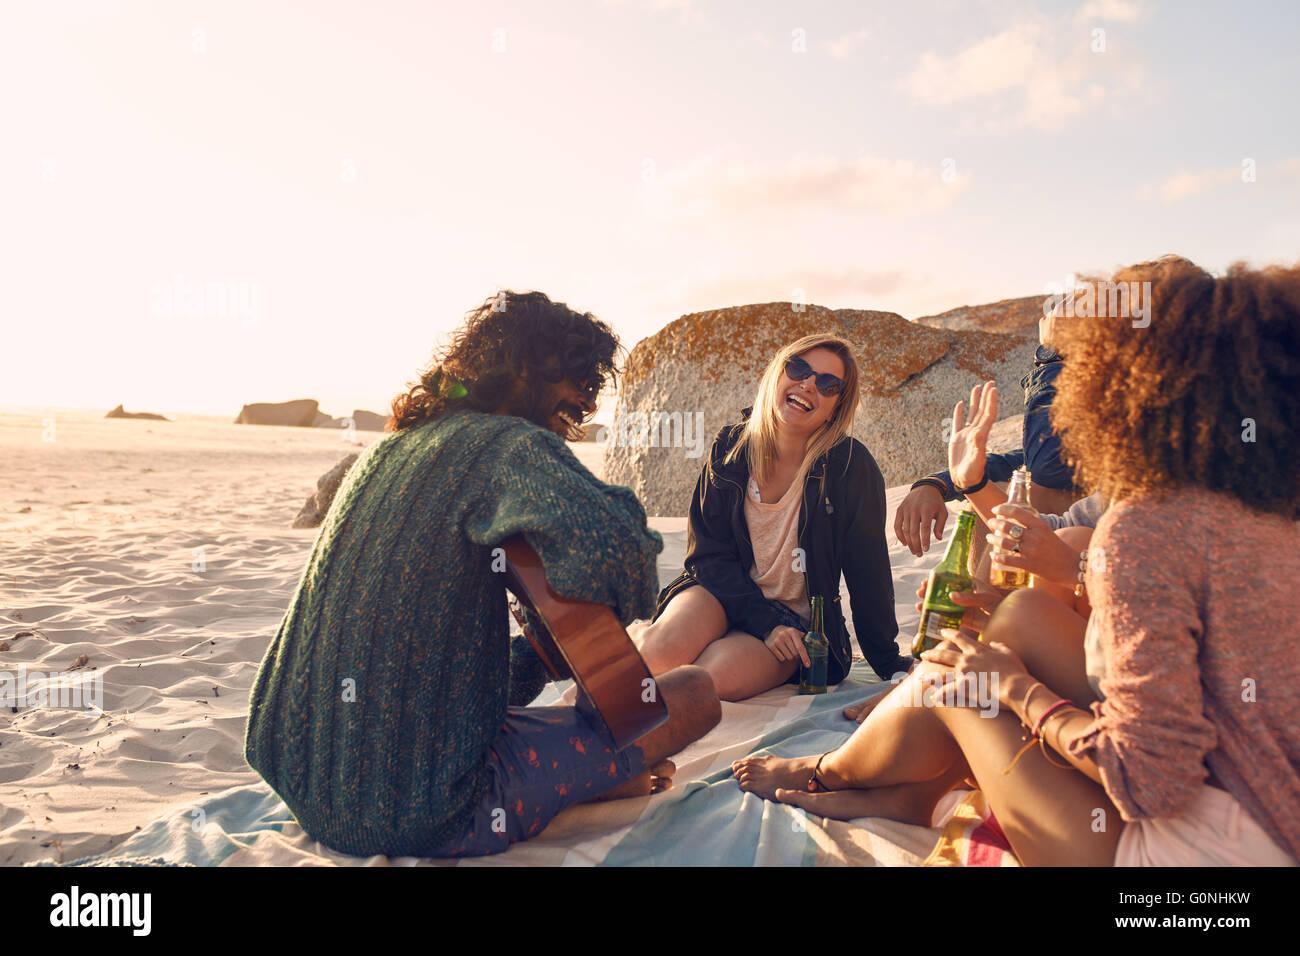 Retrato de joven tocando la guitarra para los amigos. Grupo de Amigos divirtiéndose en la fiesta en la playa. Imagen De Stock